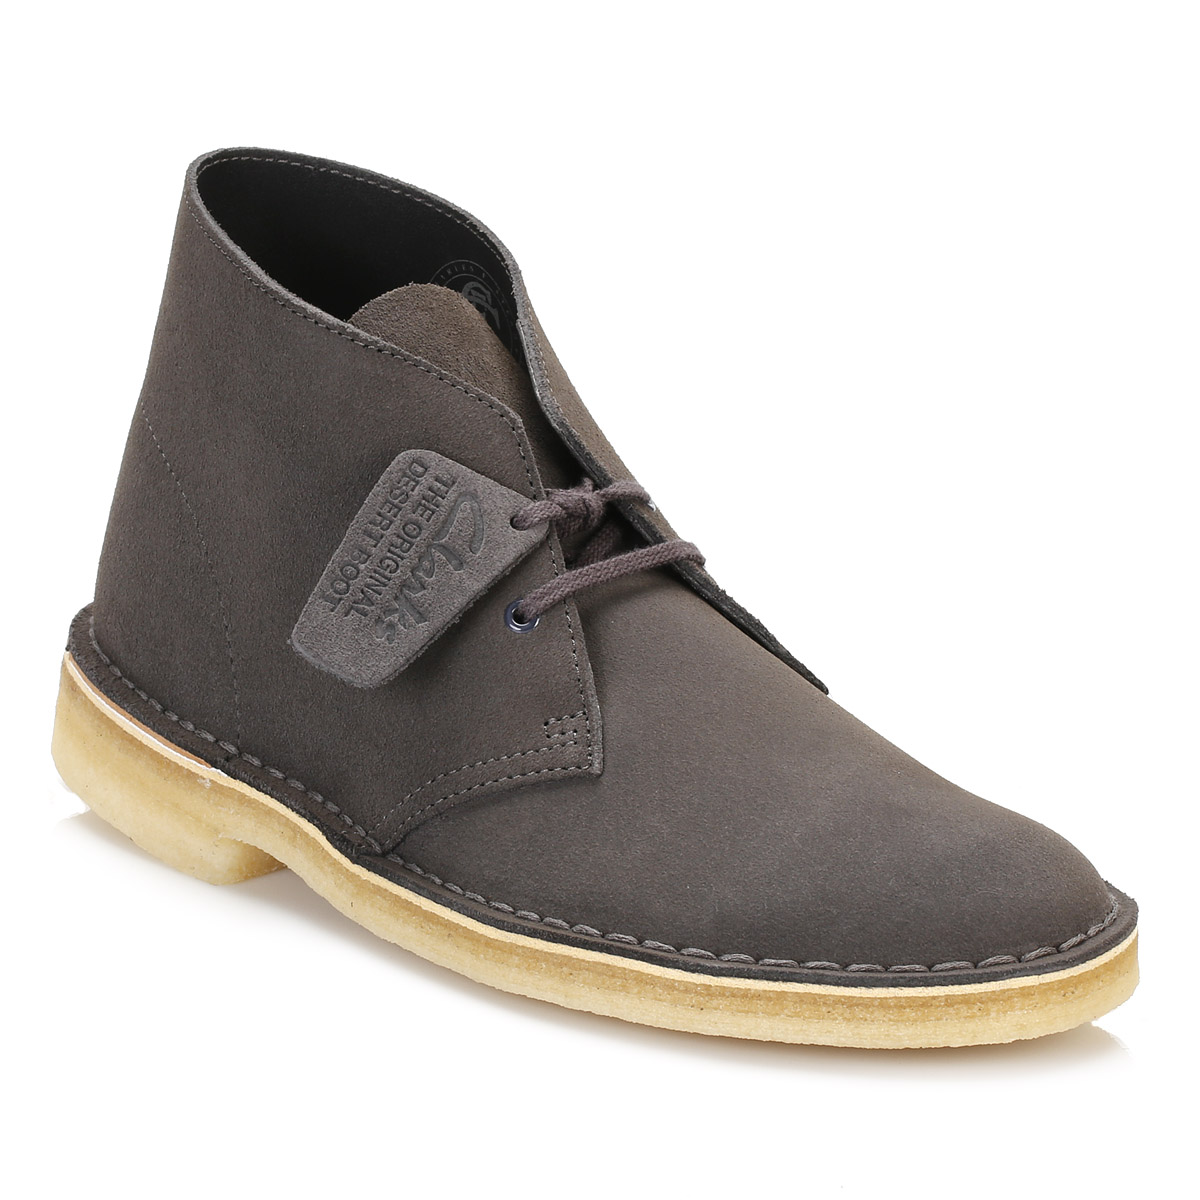 clark 39 s desert boots sold. Black Bedroom Furniture Sets. Home Design Ideas